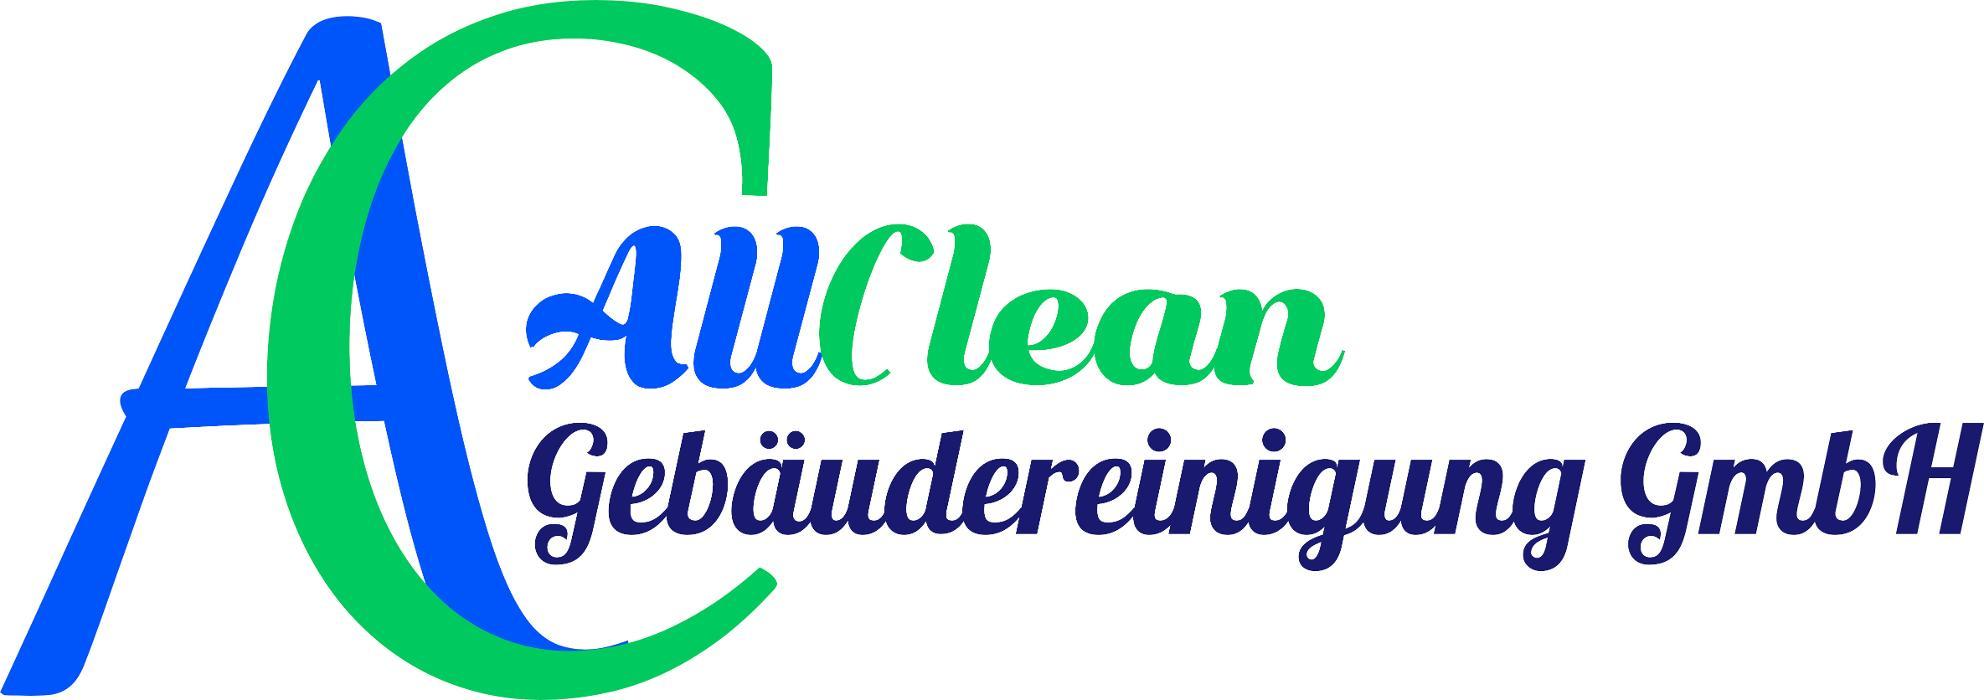 Bild zu AllClean Gebäudereinigung GmbH in Berlin